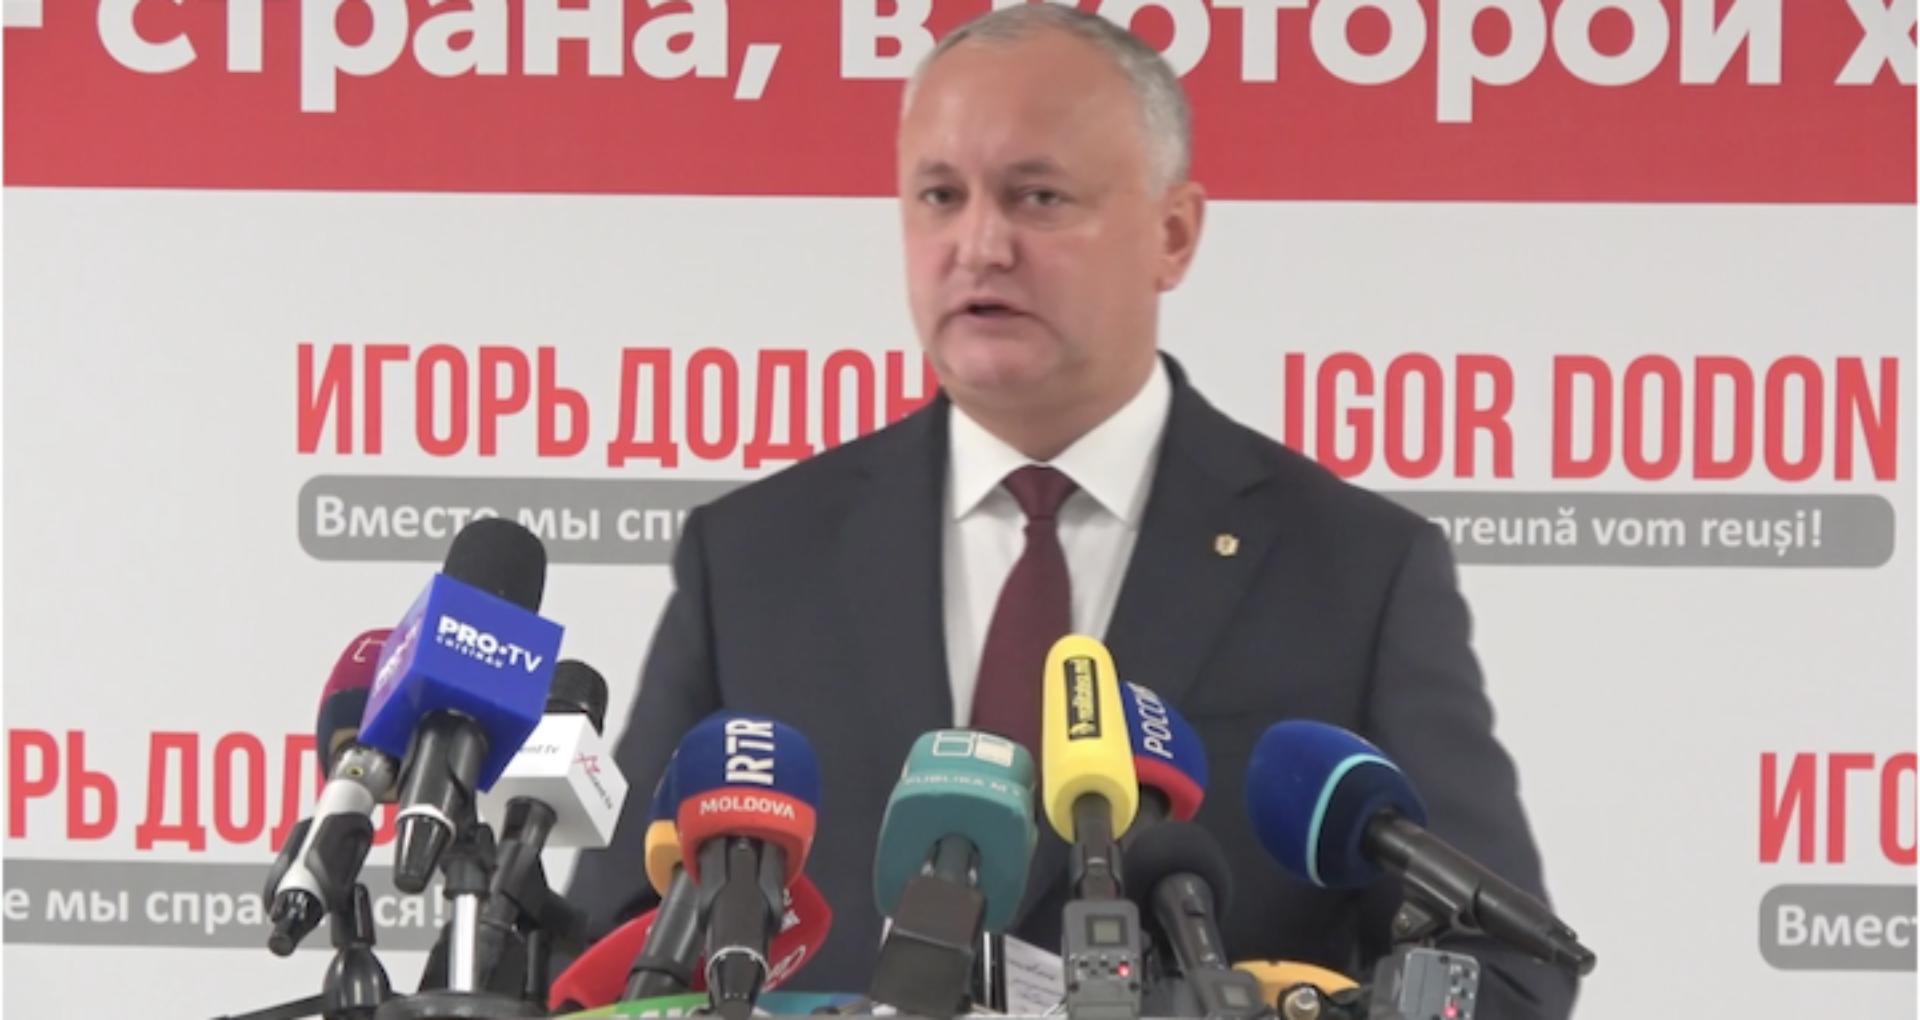 """Decretele de """"urgență"""" ale lui Igor Dodon din 2 noiembrie: A retras cetățenia ex-deputatului român Cristian Rizea și a aprobat 3 dosare din controversatul program cetățenie contra investiții"""